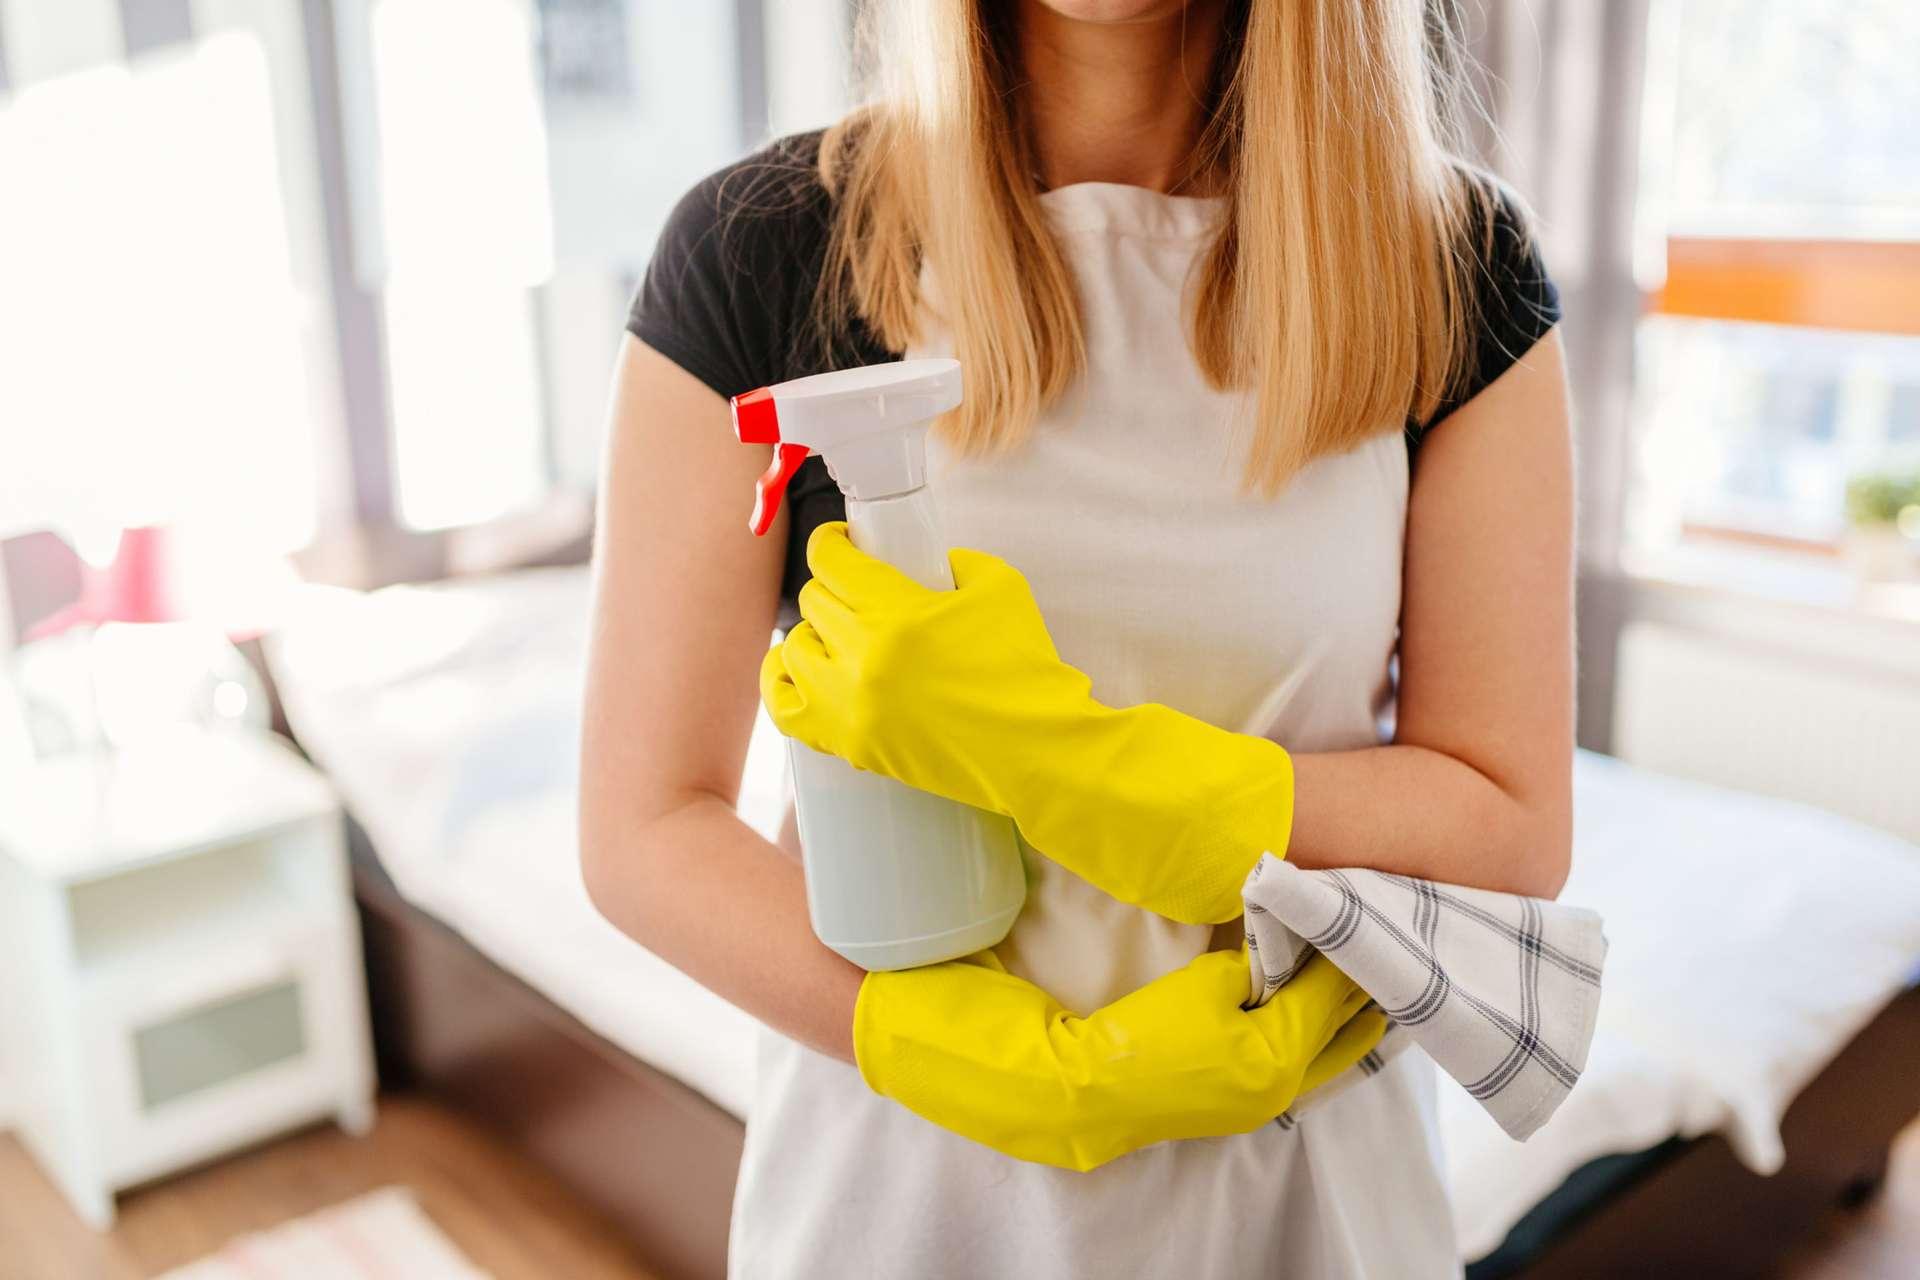 Les produits ménagers industriels contiennent des substances toxiques contribuant à la pollution de l'air intérieur, d'après 60 millions de consommateurs. © djedzura / IStock.com